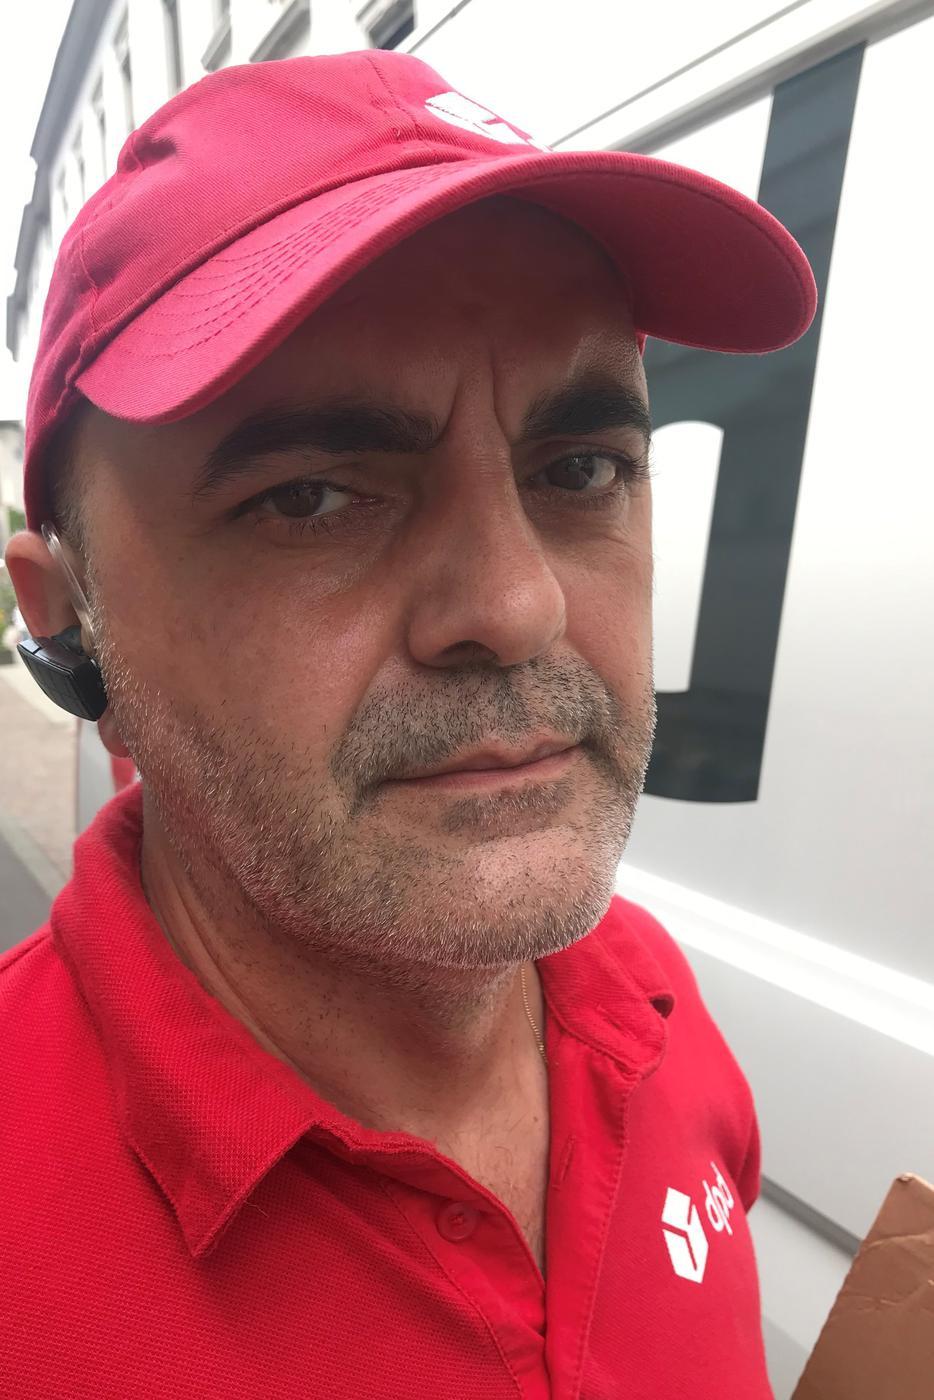 Marius Gheorghe ist Kurierfahrer und liefert Pakete aus.